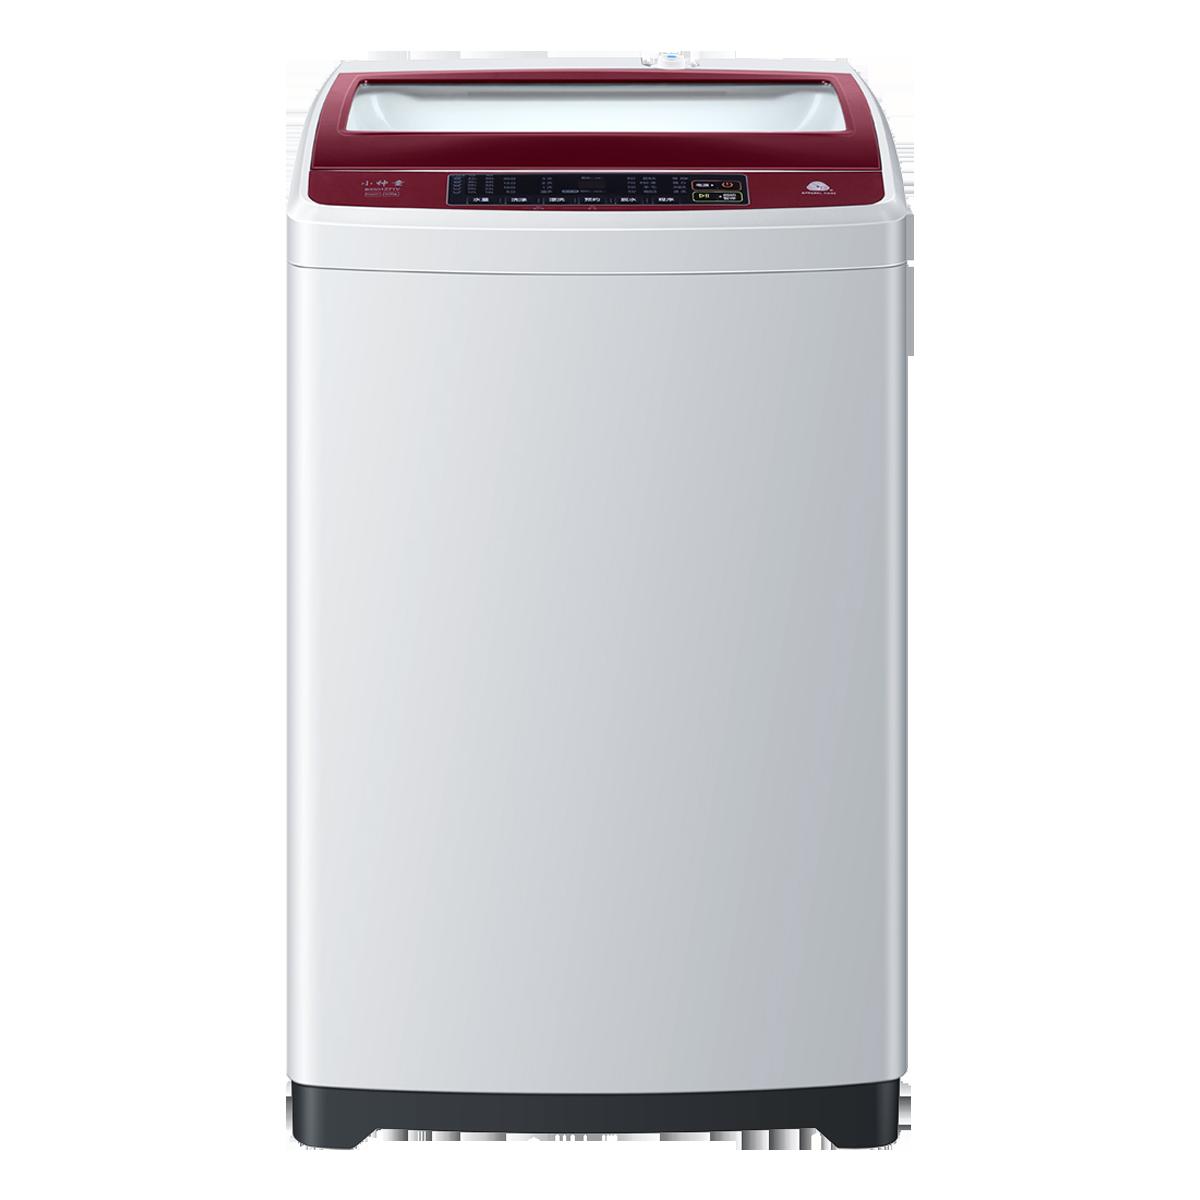 海尔Haier洗衣机 B5501Z71V 说明书